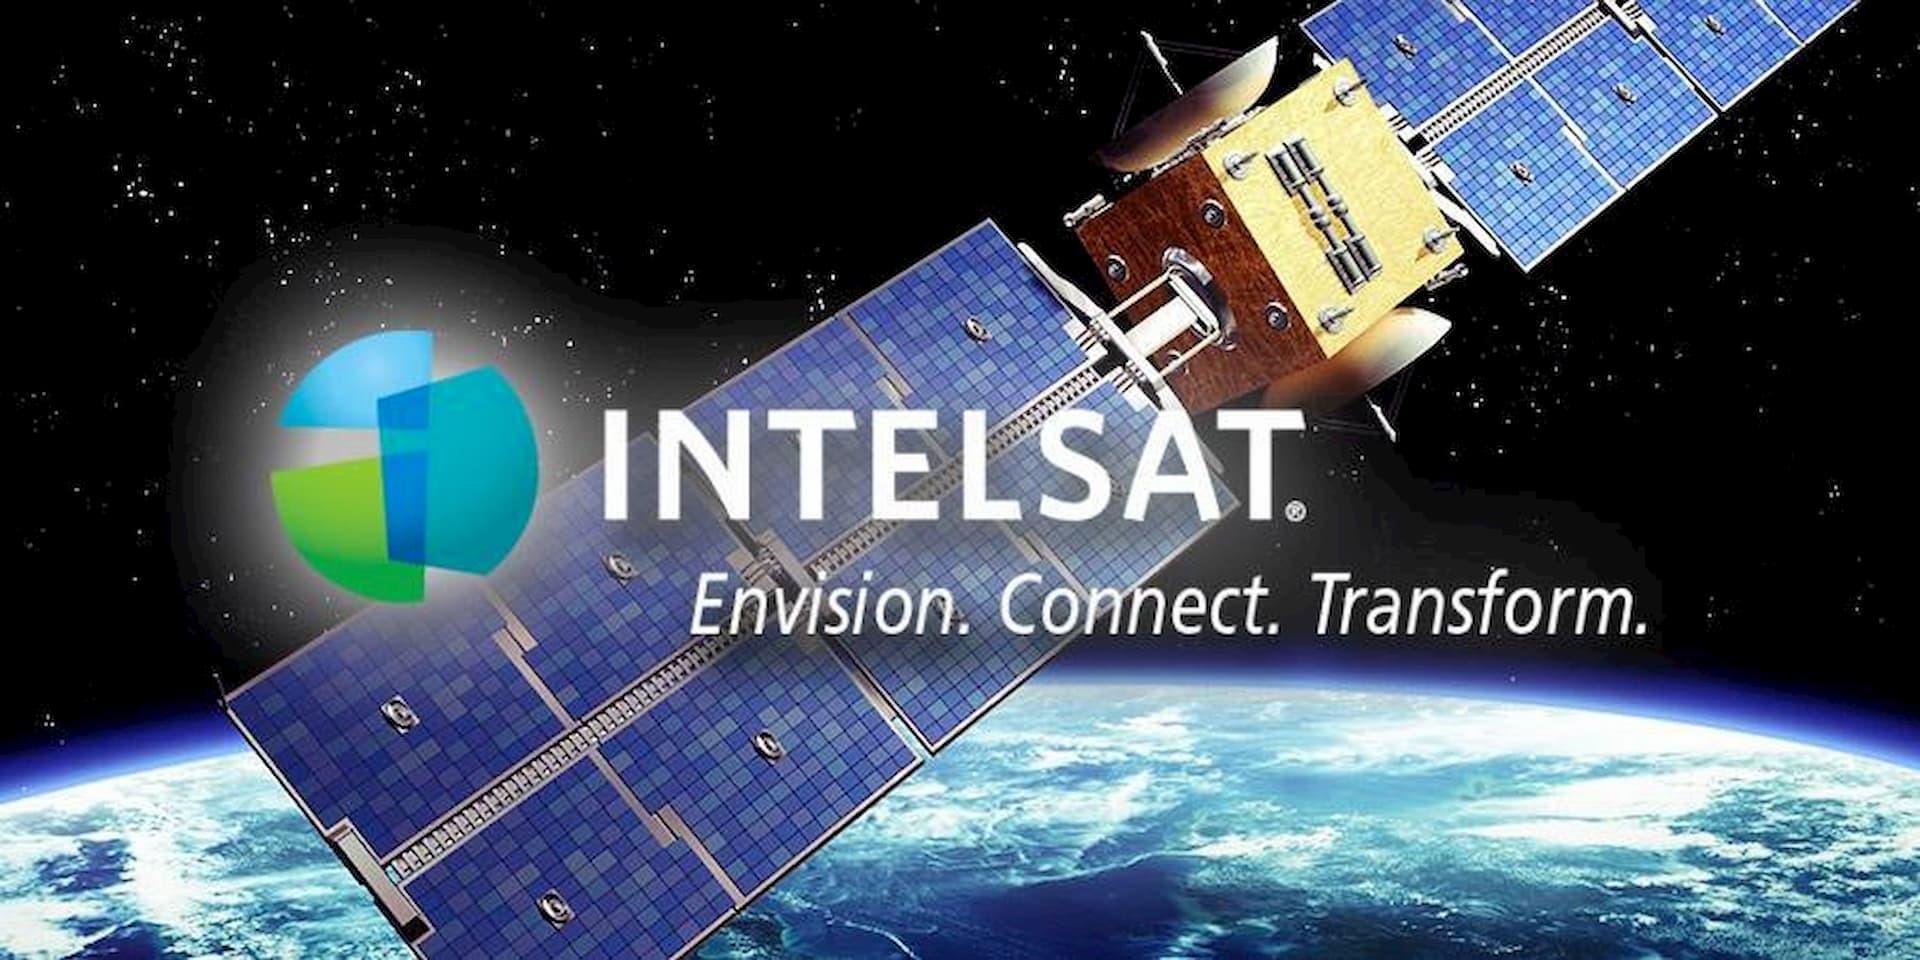 Крупнейший в мире спутниковый оператор пытается обанкротится